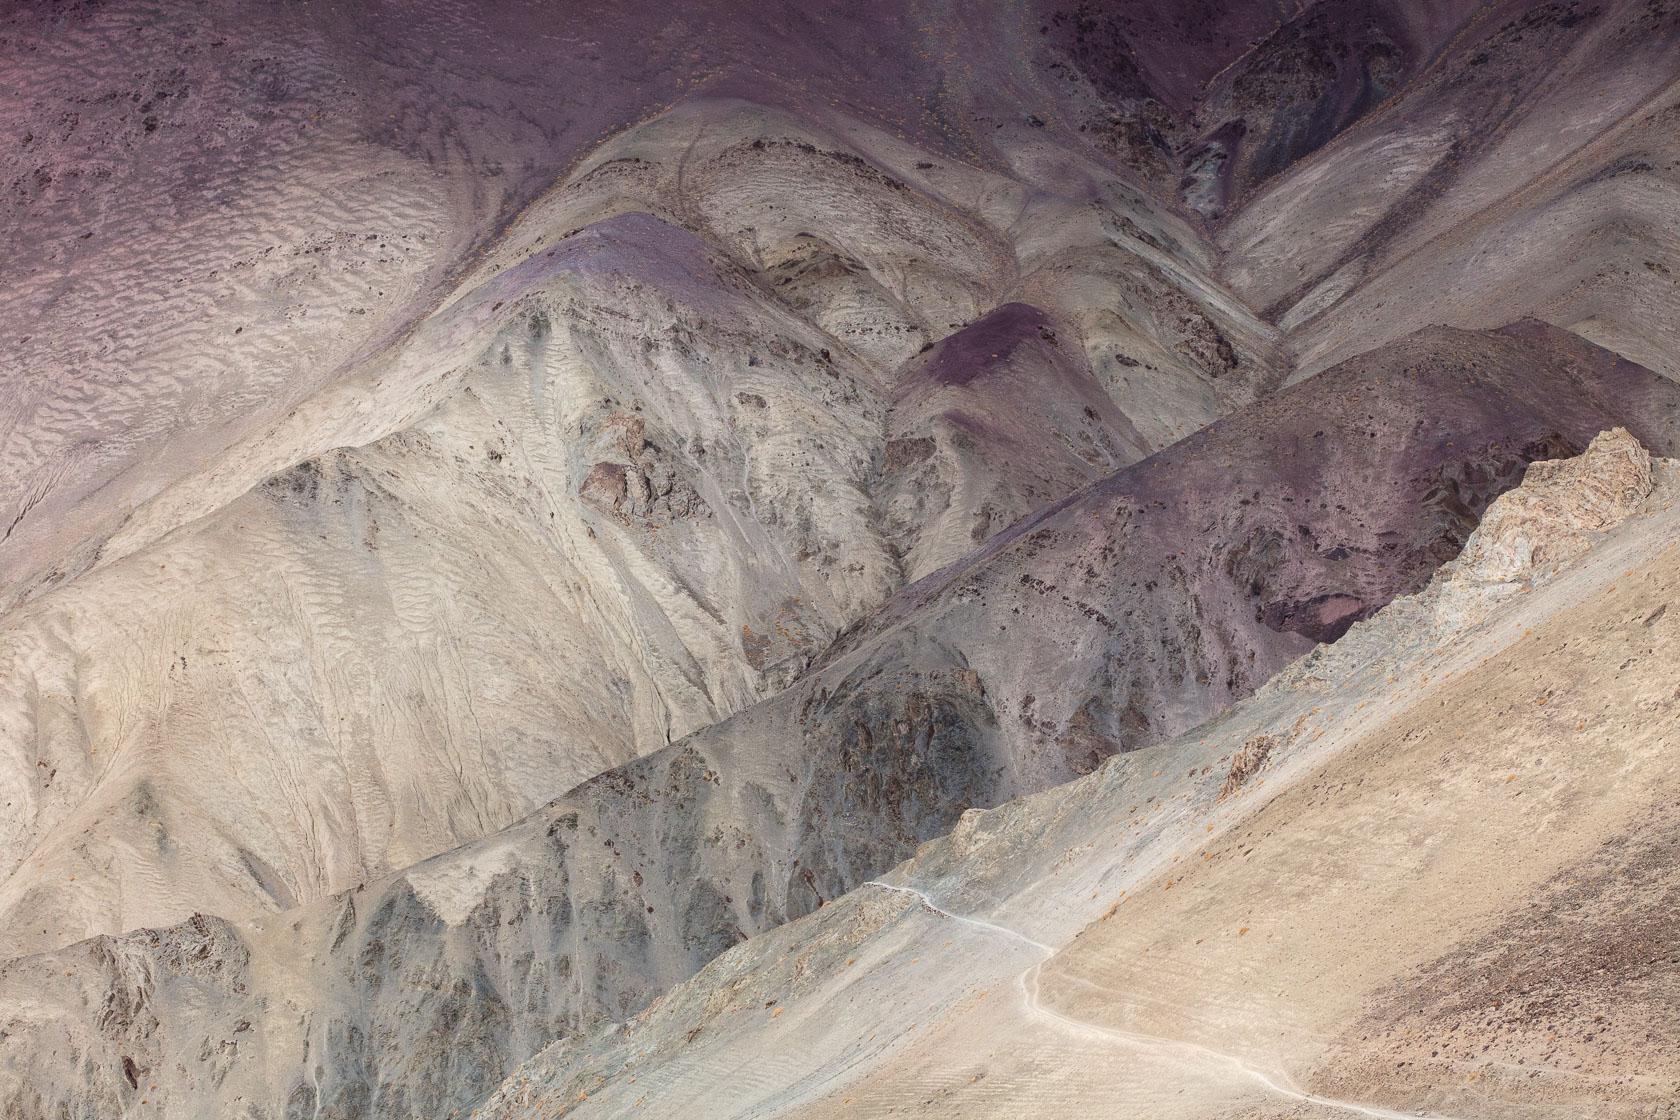 montagnes colorée dans les environs de Rumbak, au Ladakh